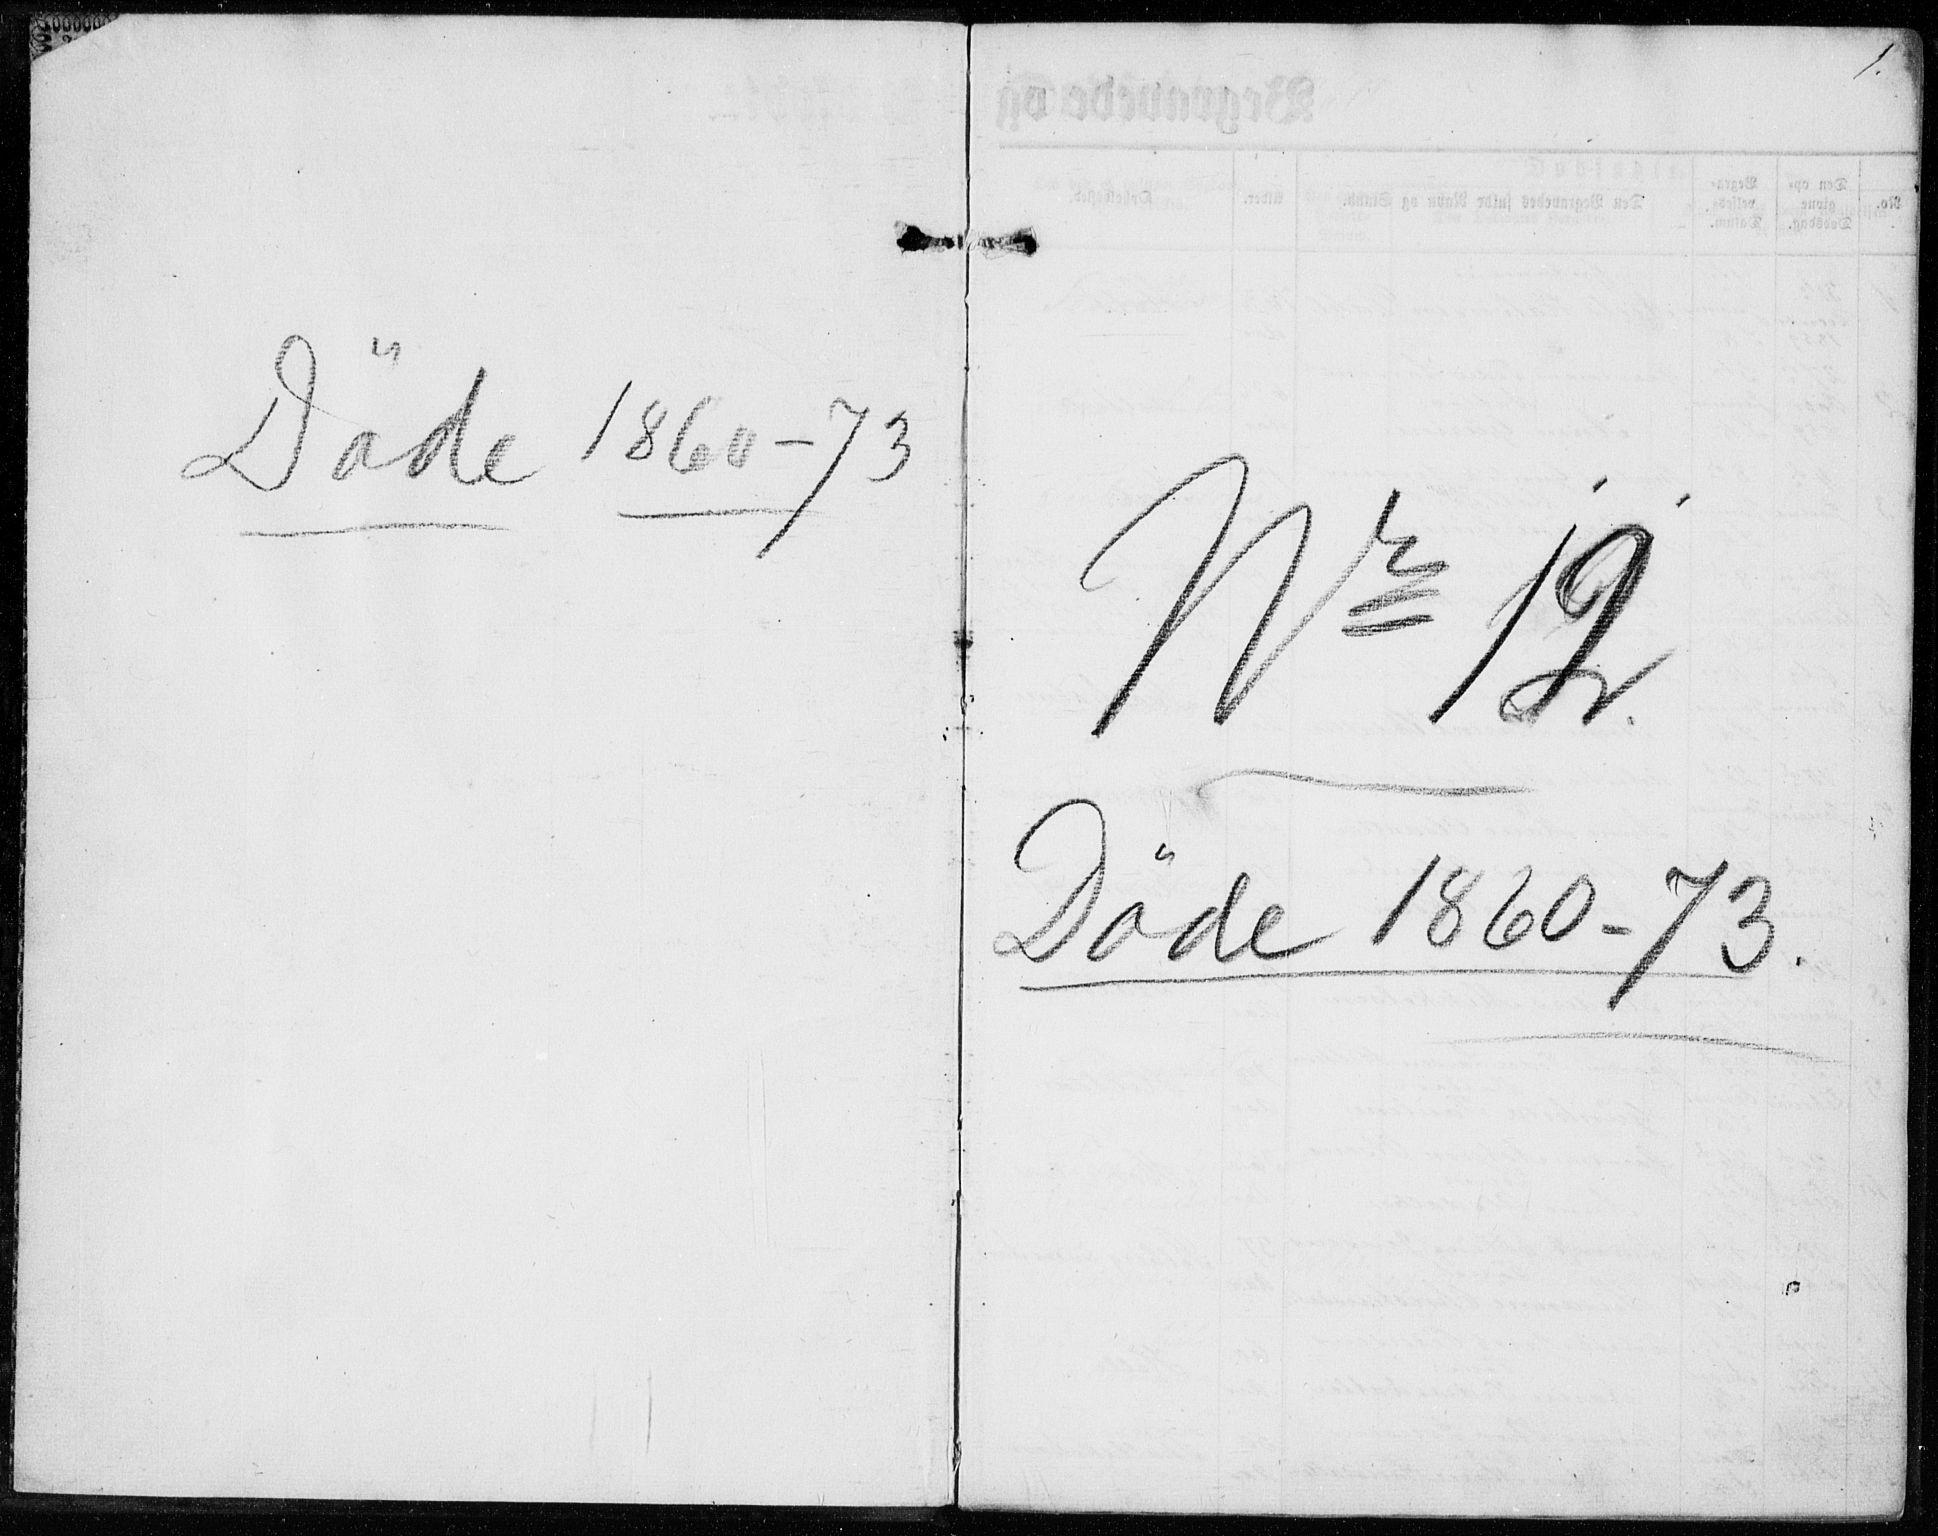 SAKO, Sannidal kirkebøker, F/Fa/L0012: Ministerialbok nr. 12, 1860-1873, s. 1